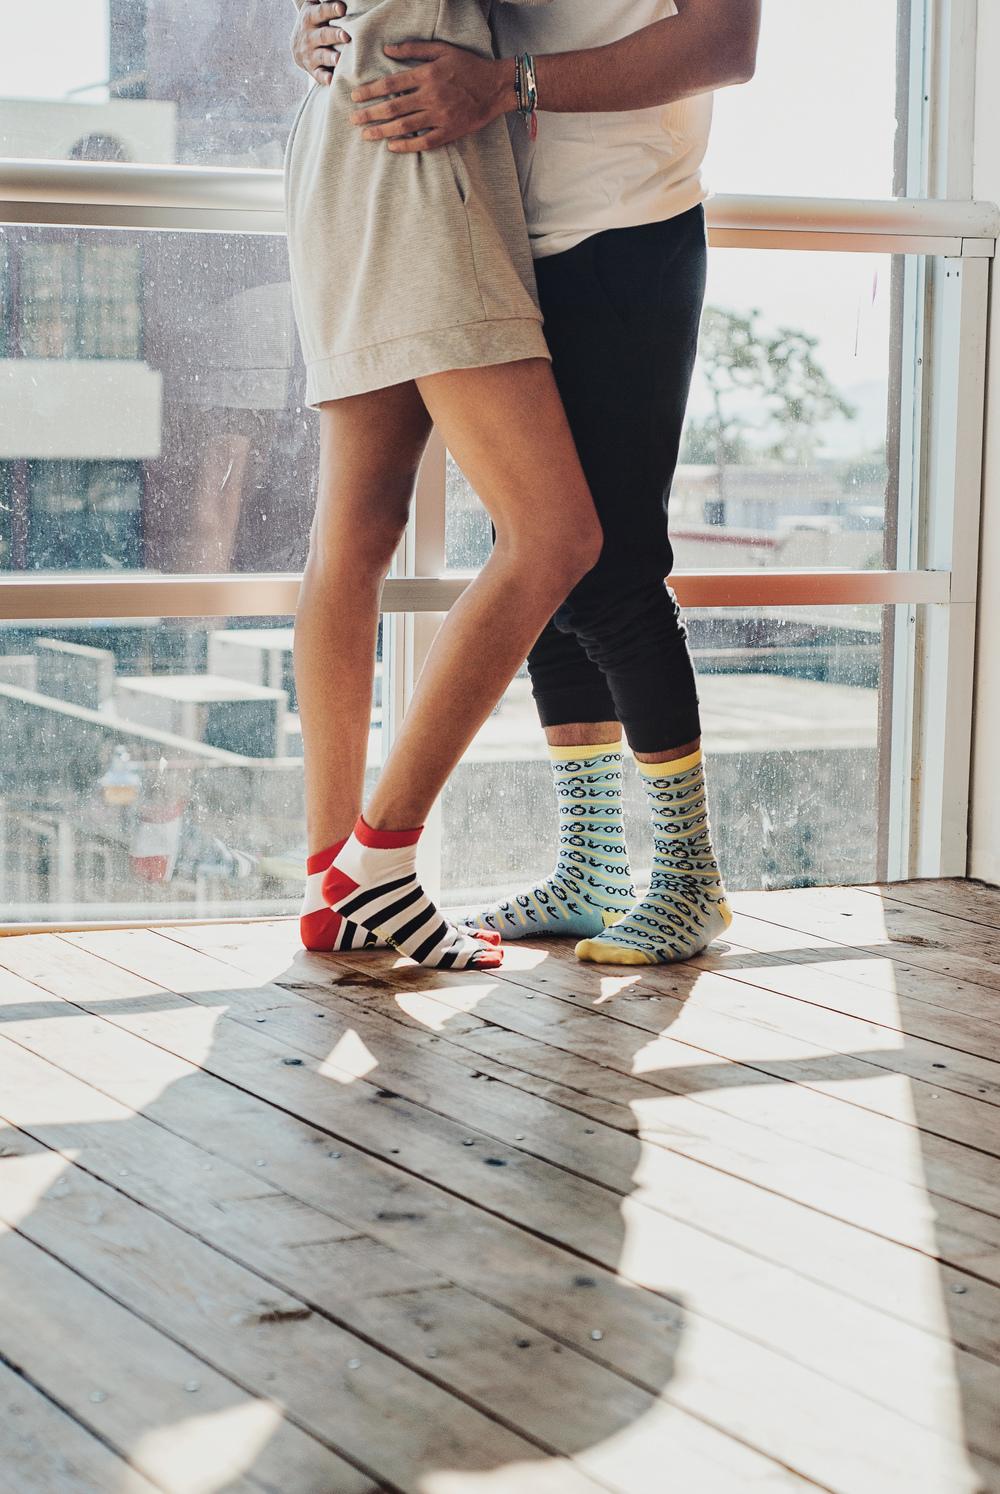 GR_socks-1308.jpg